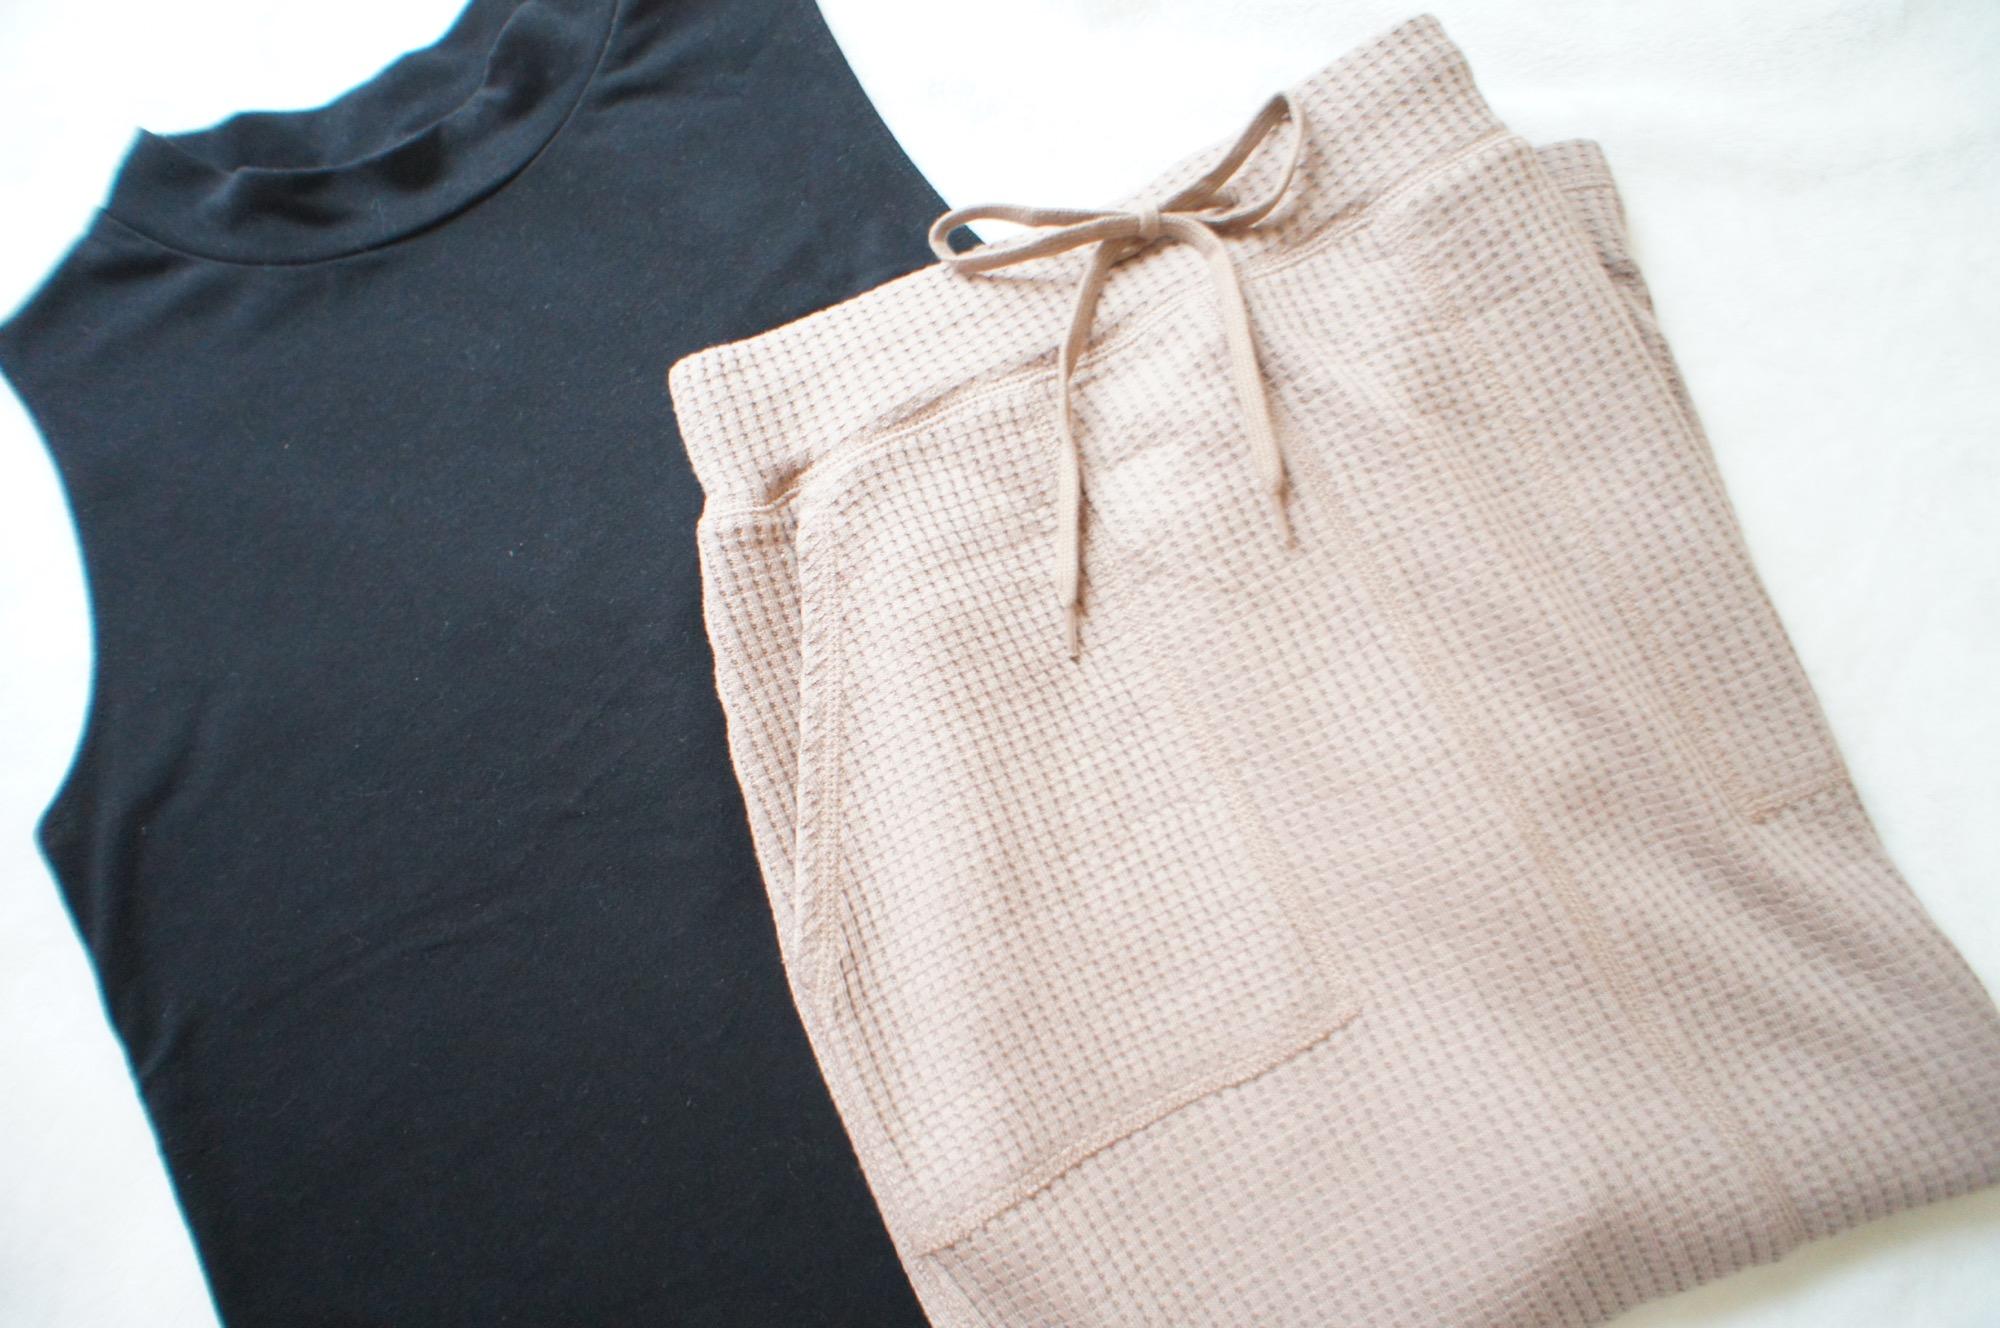 《6/21スタート❤️》【GU】サマーセールで大人気スカートがおトク価格に…☝︎❤︎_3